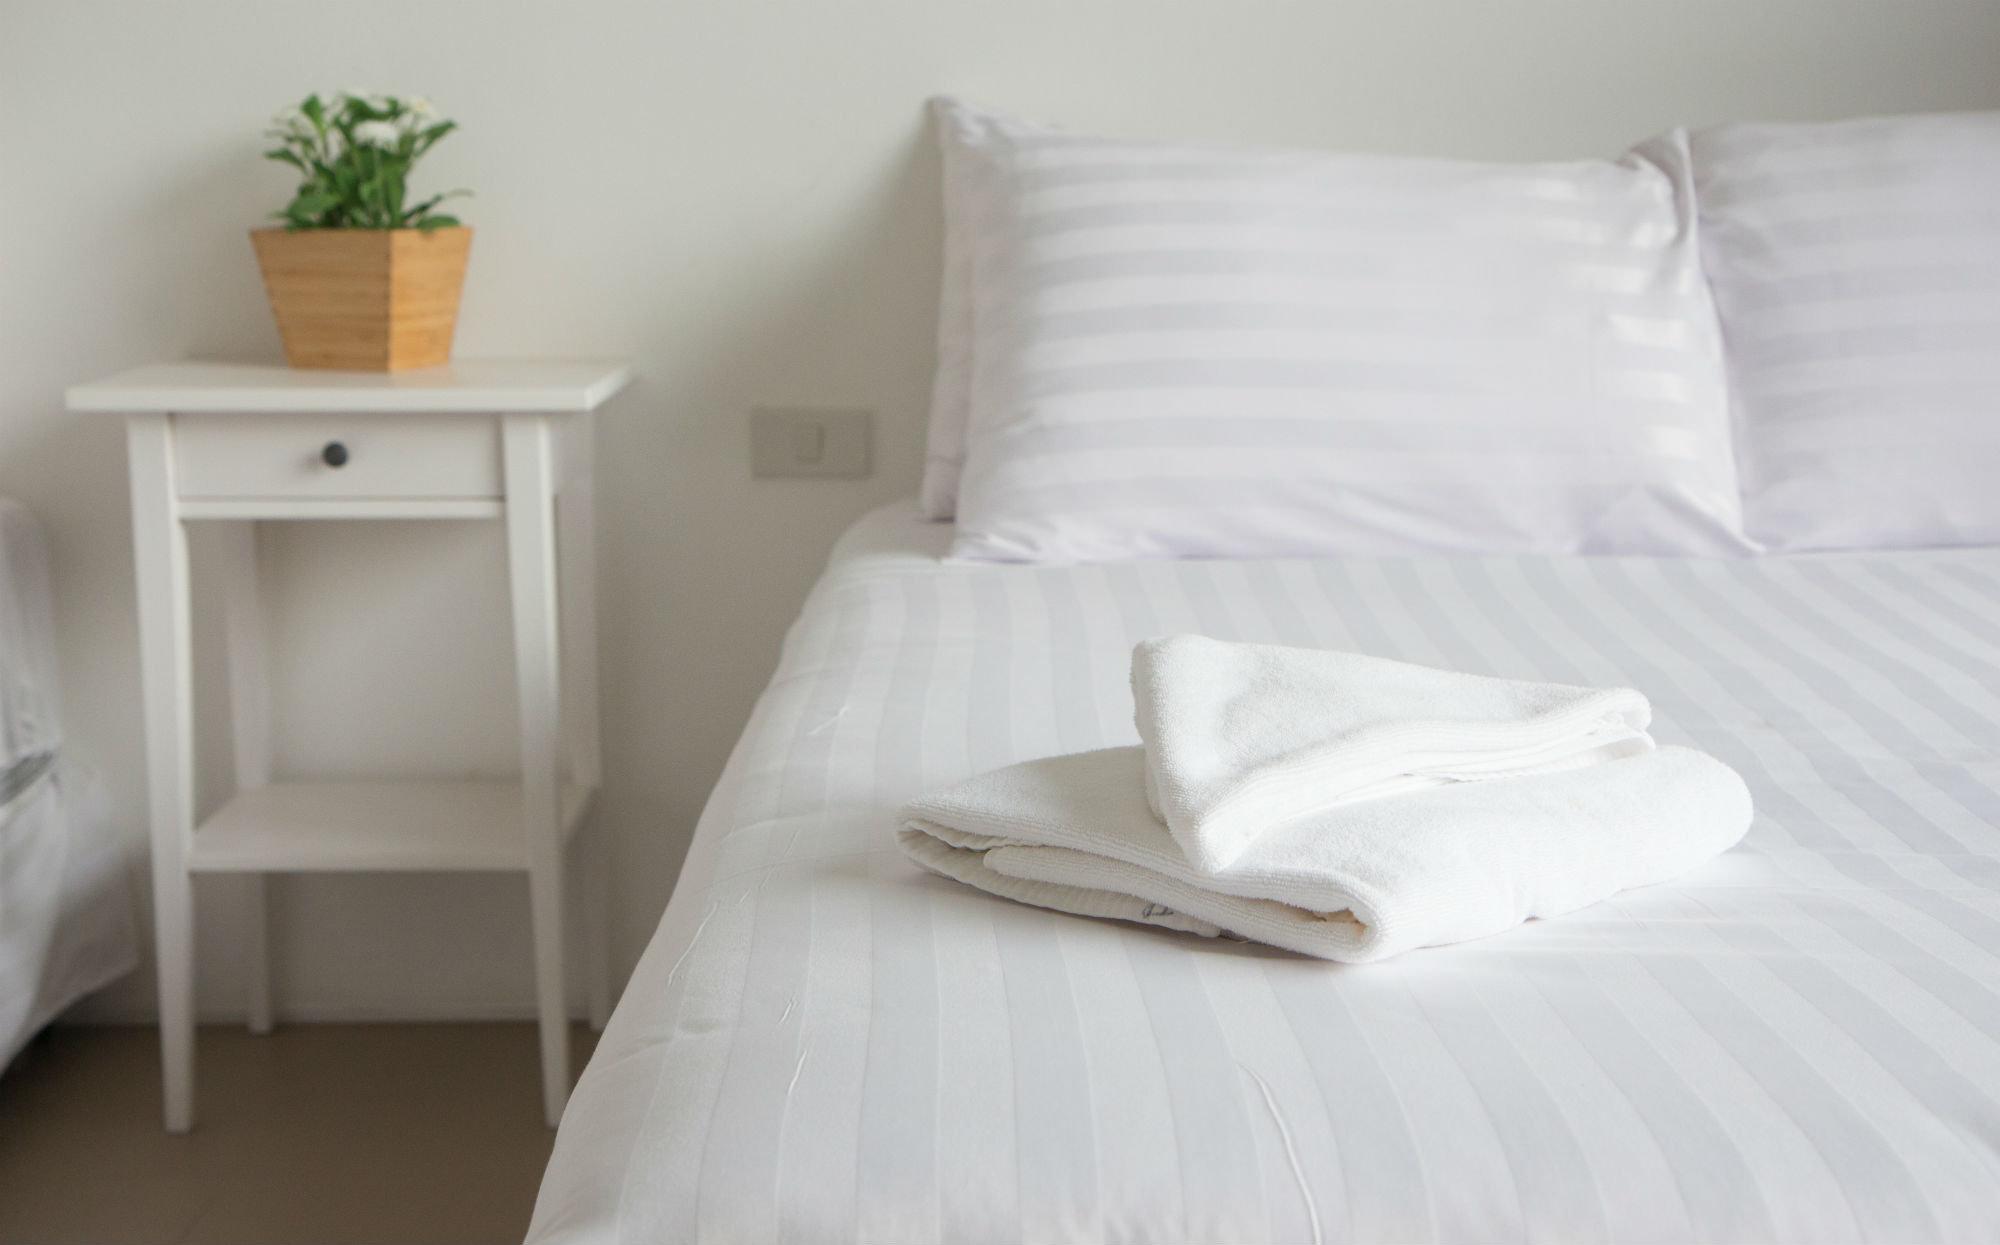 Triple Sheet Bed Bundles